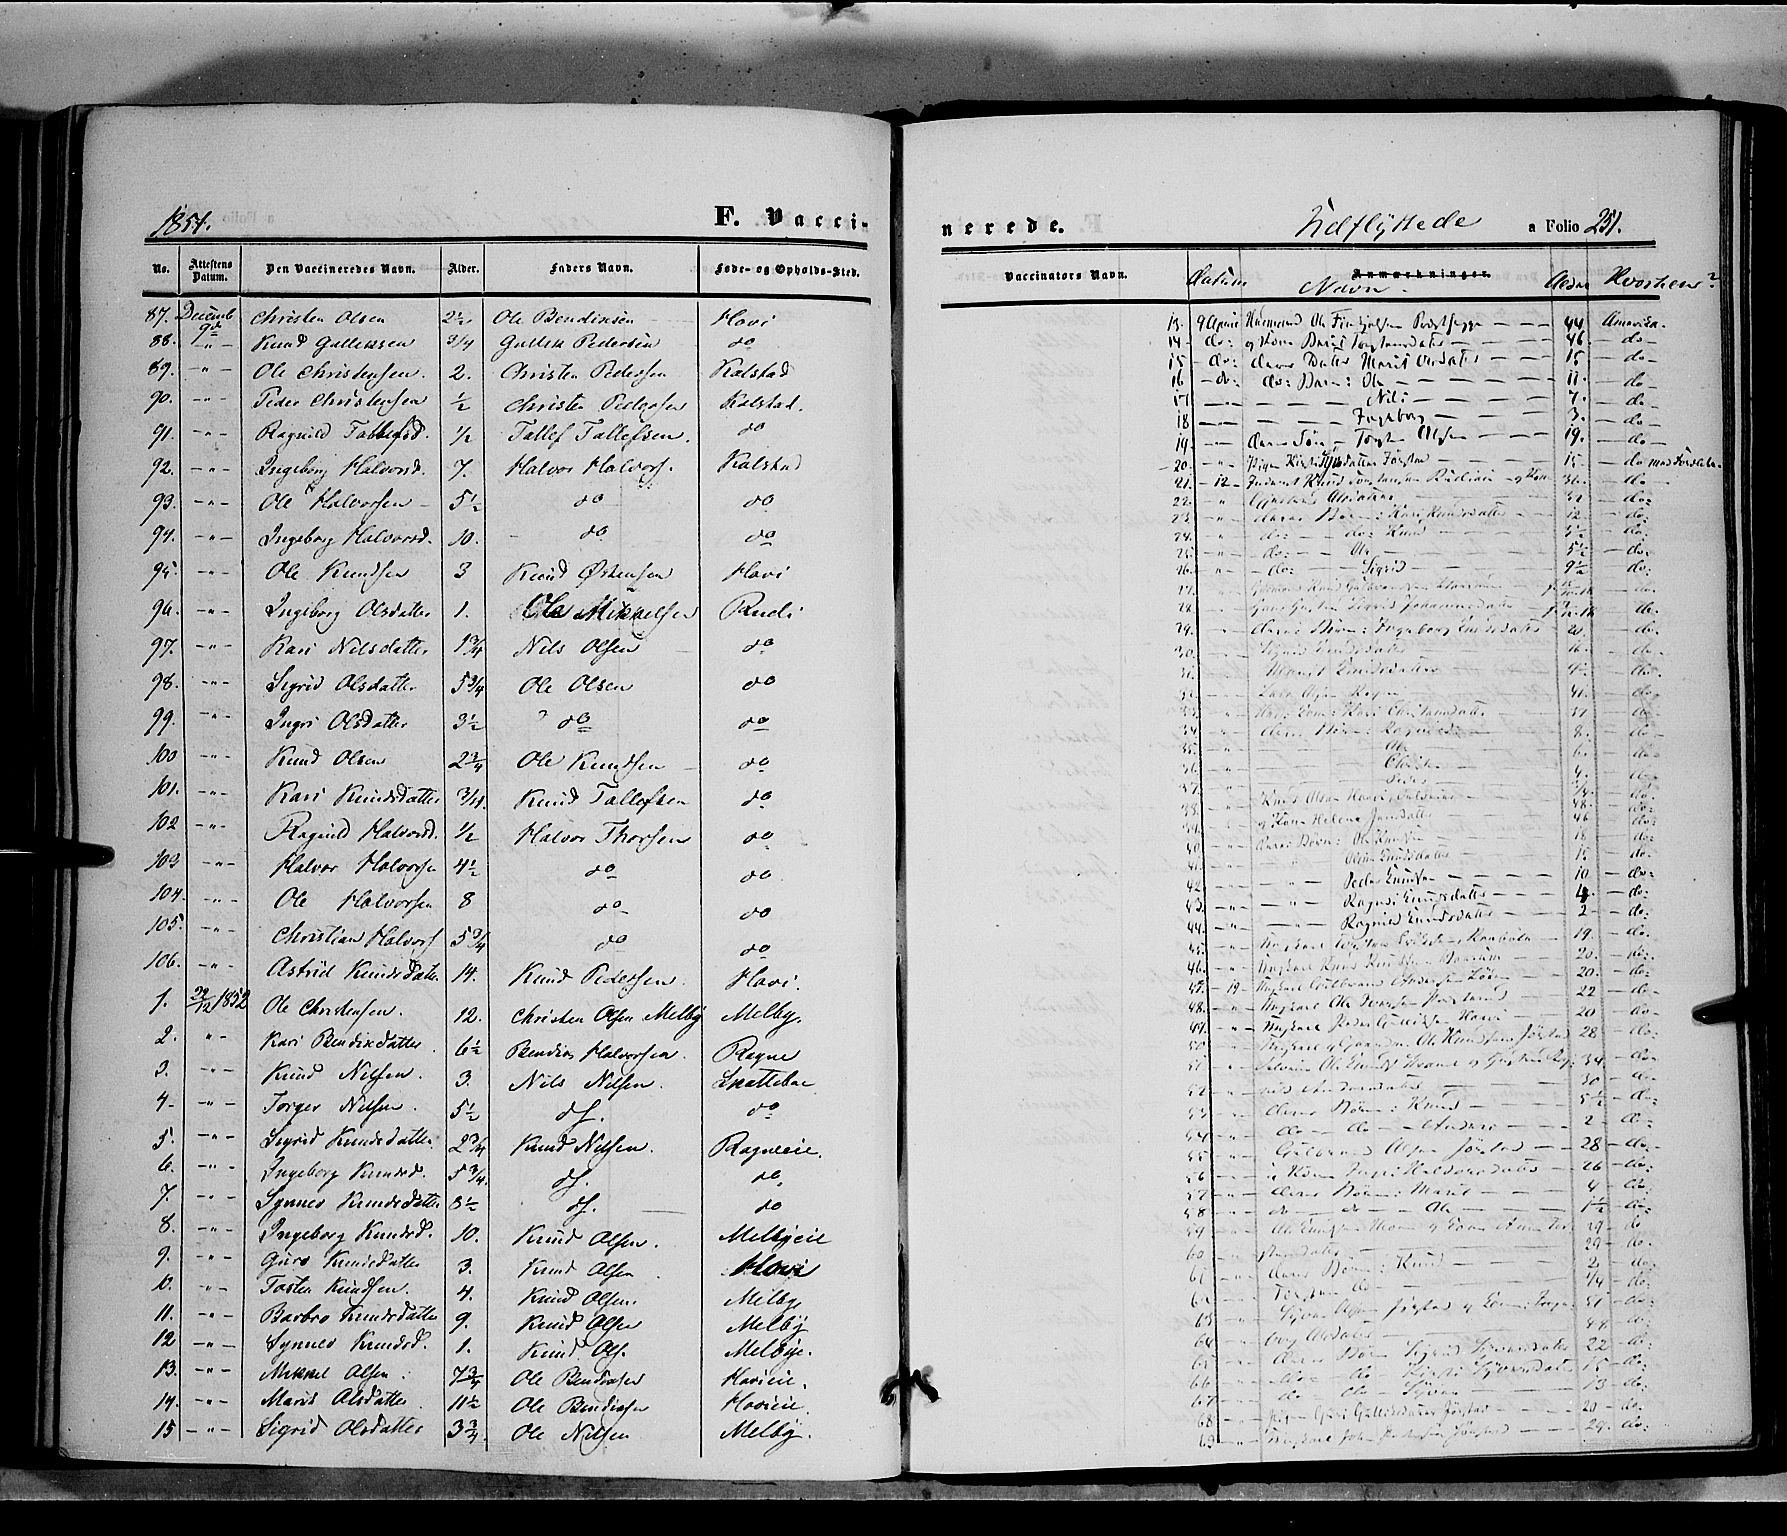 SAH, Øystre Slidre prestekontor, Ministerialbok nr. 1, 1849-1874, s. 251